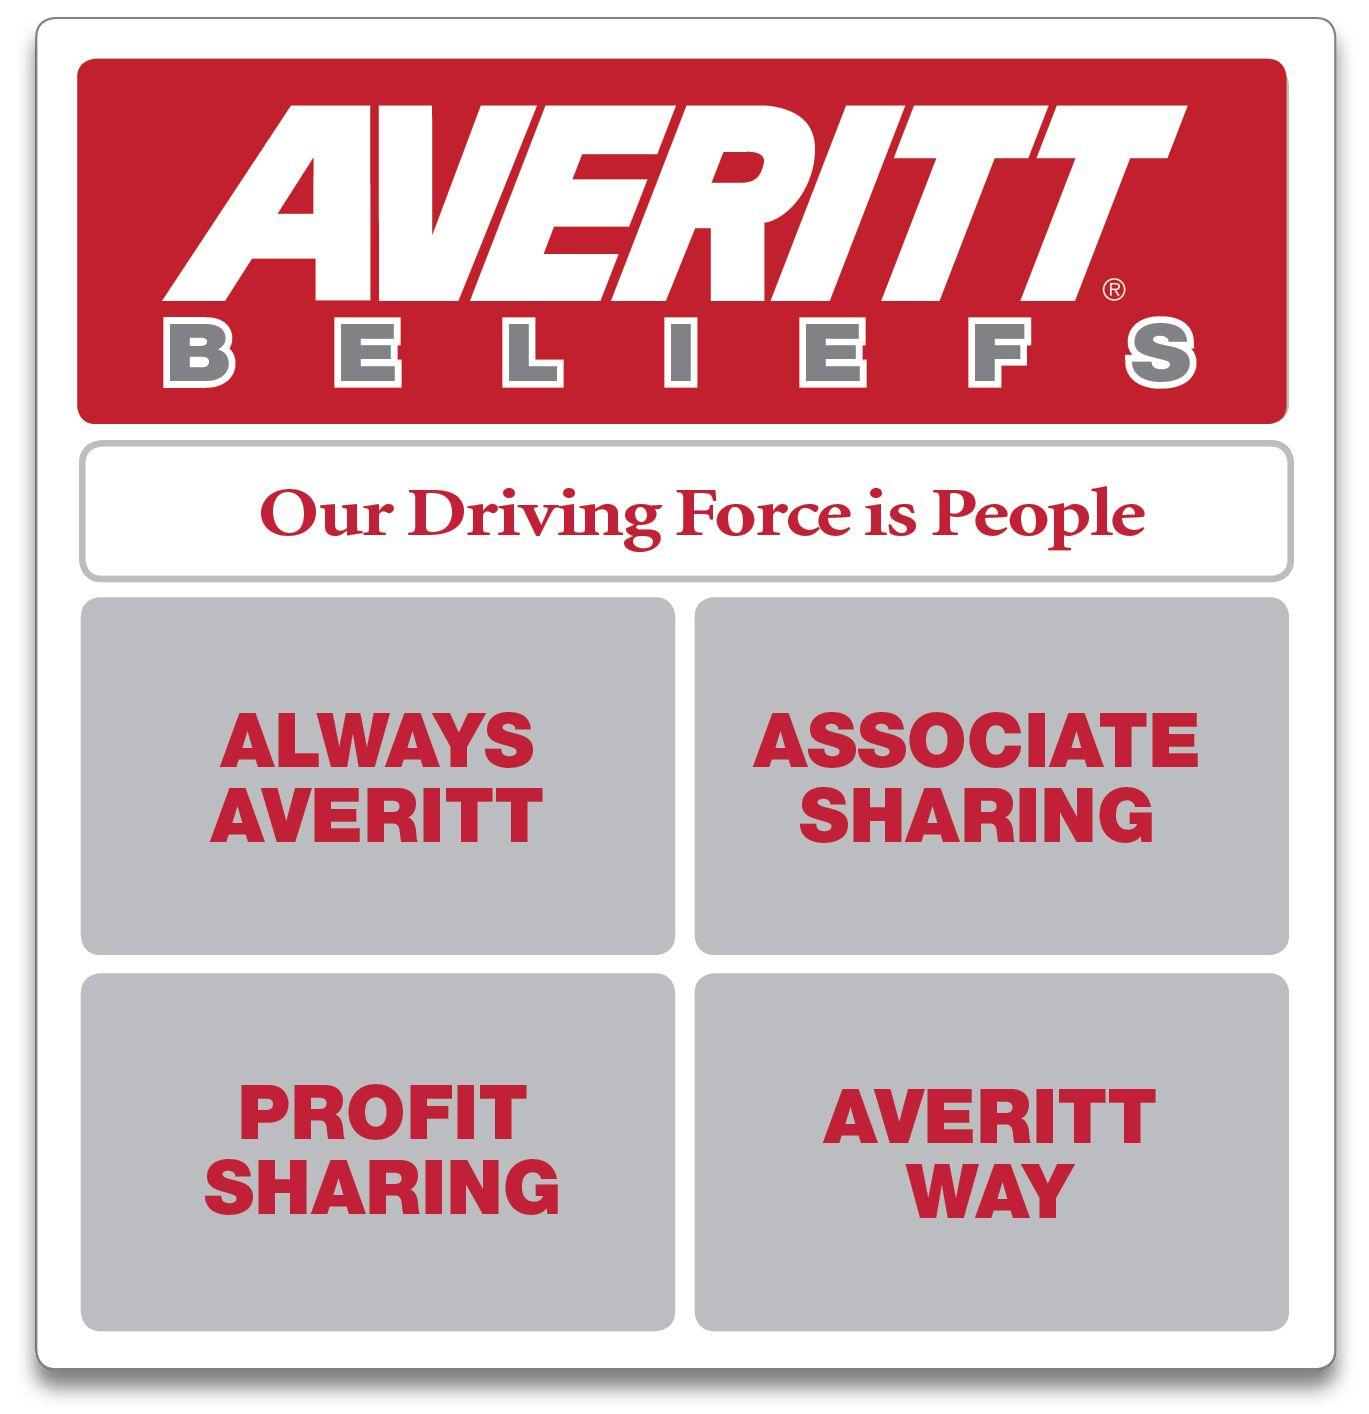 Averitt_4_beliefs